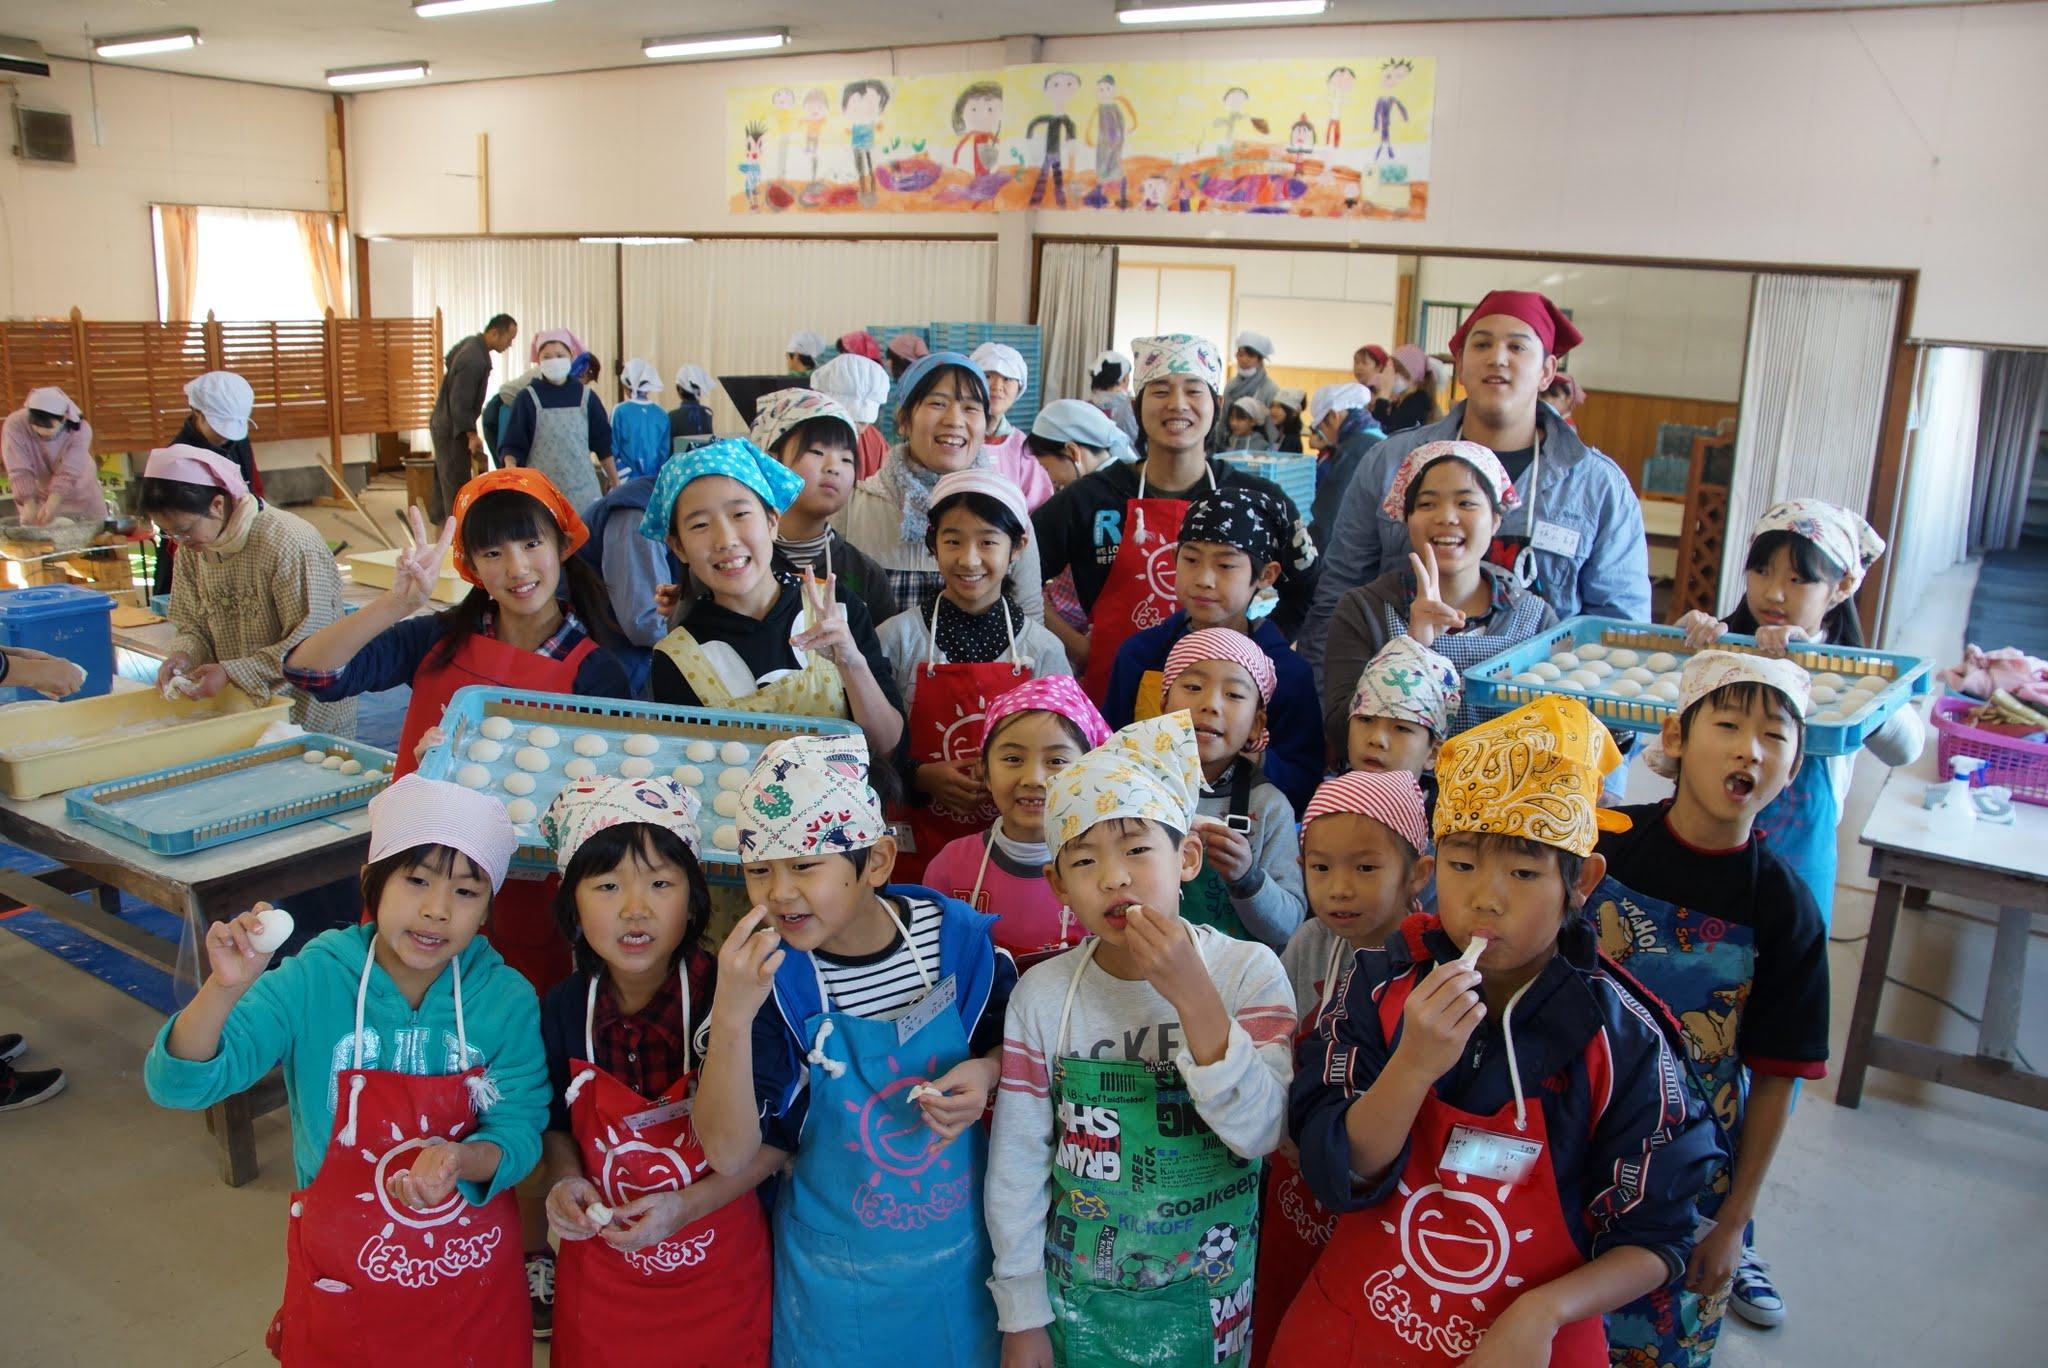 【Photo】2012年 冬の楽園村(春日山会場) みんなでお餅つき